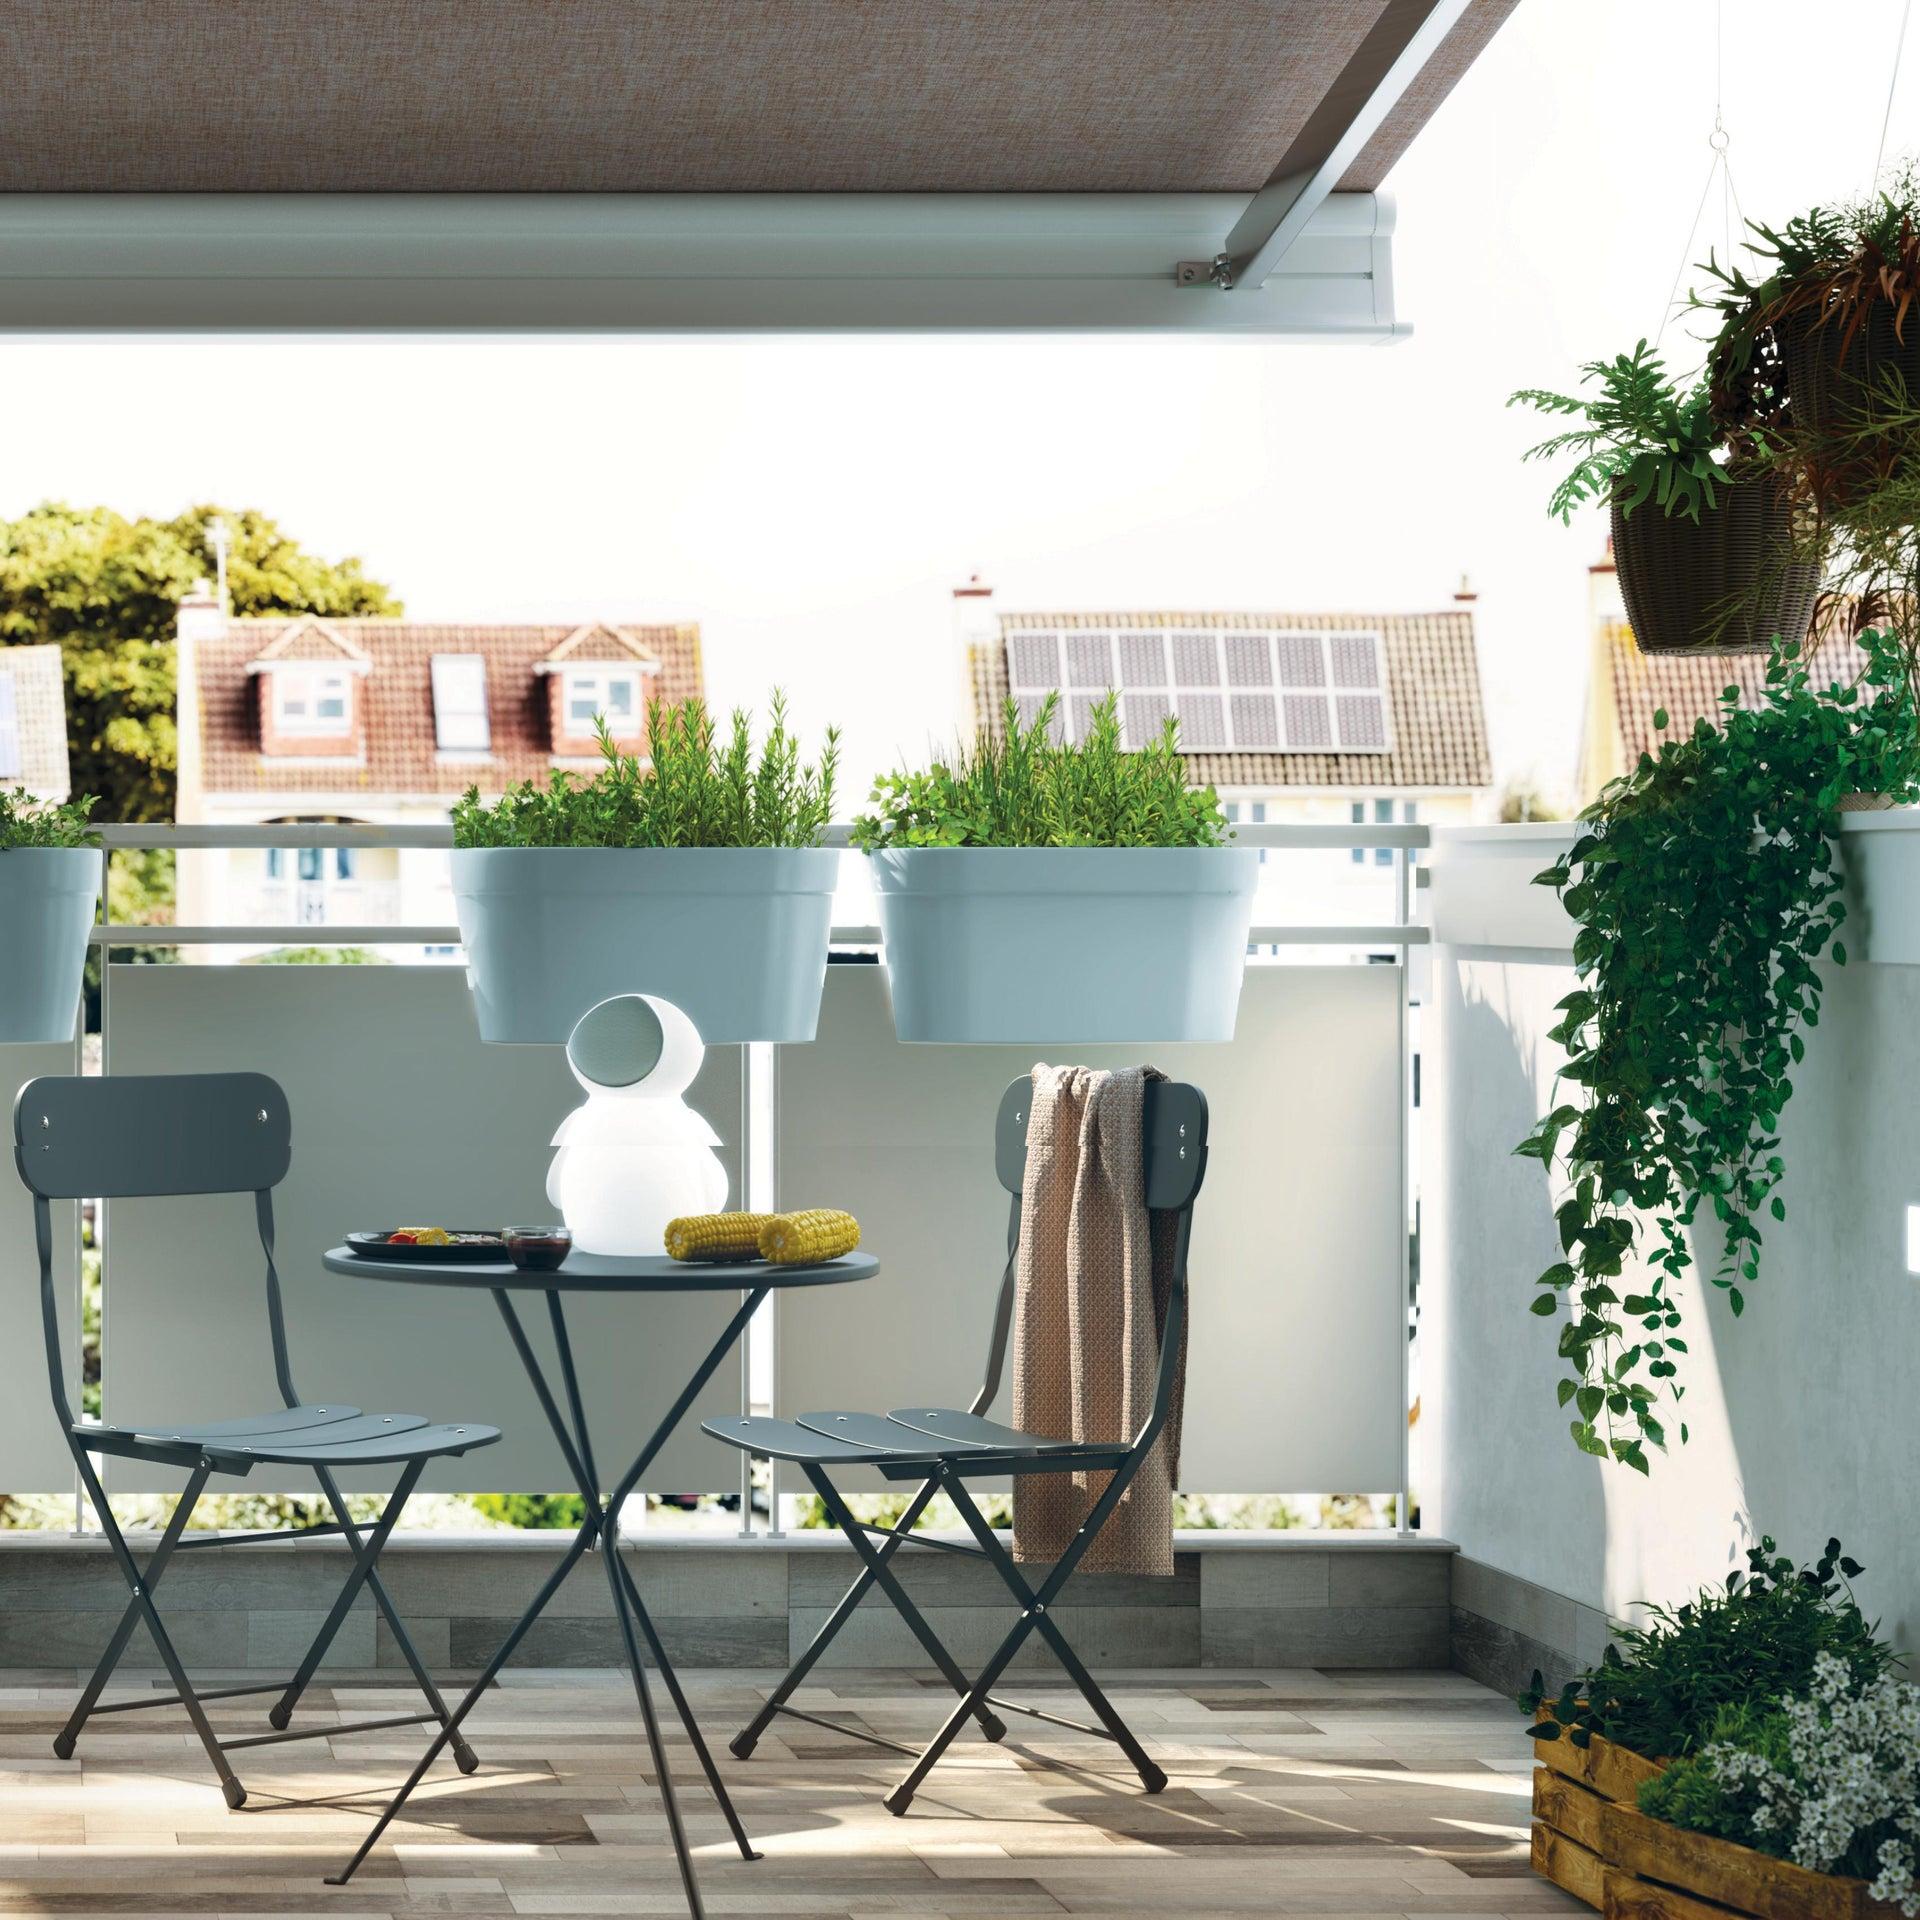 Sedia da giardino senza cuscino pieghevole Cassis colore antracite - 3